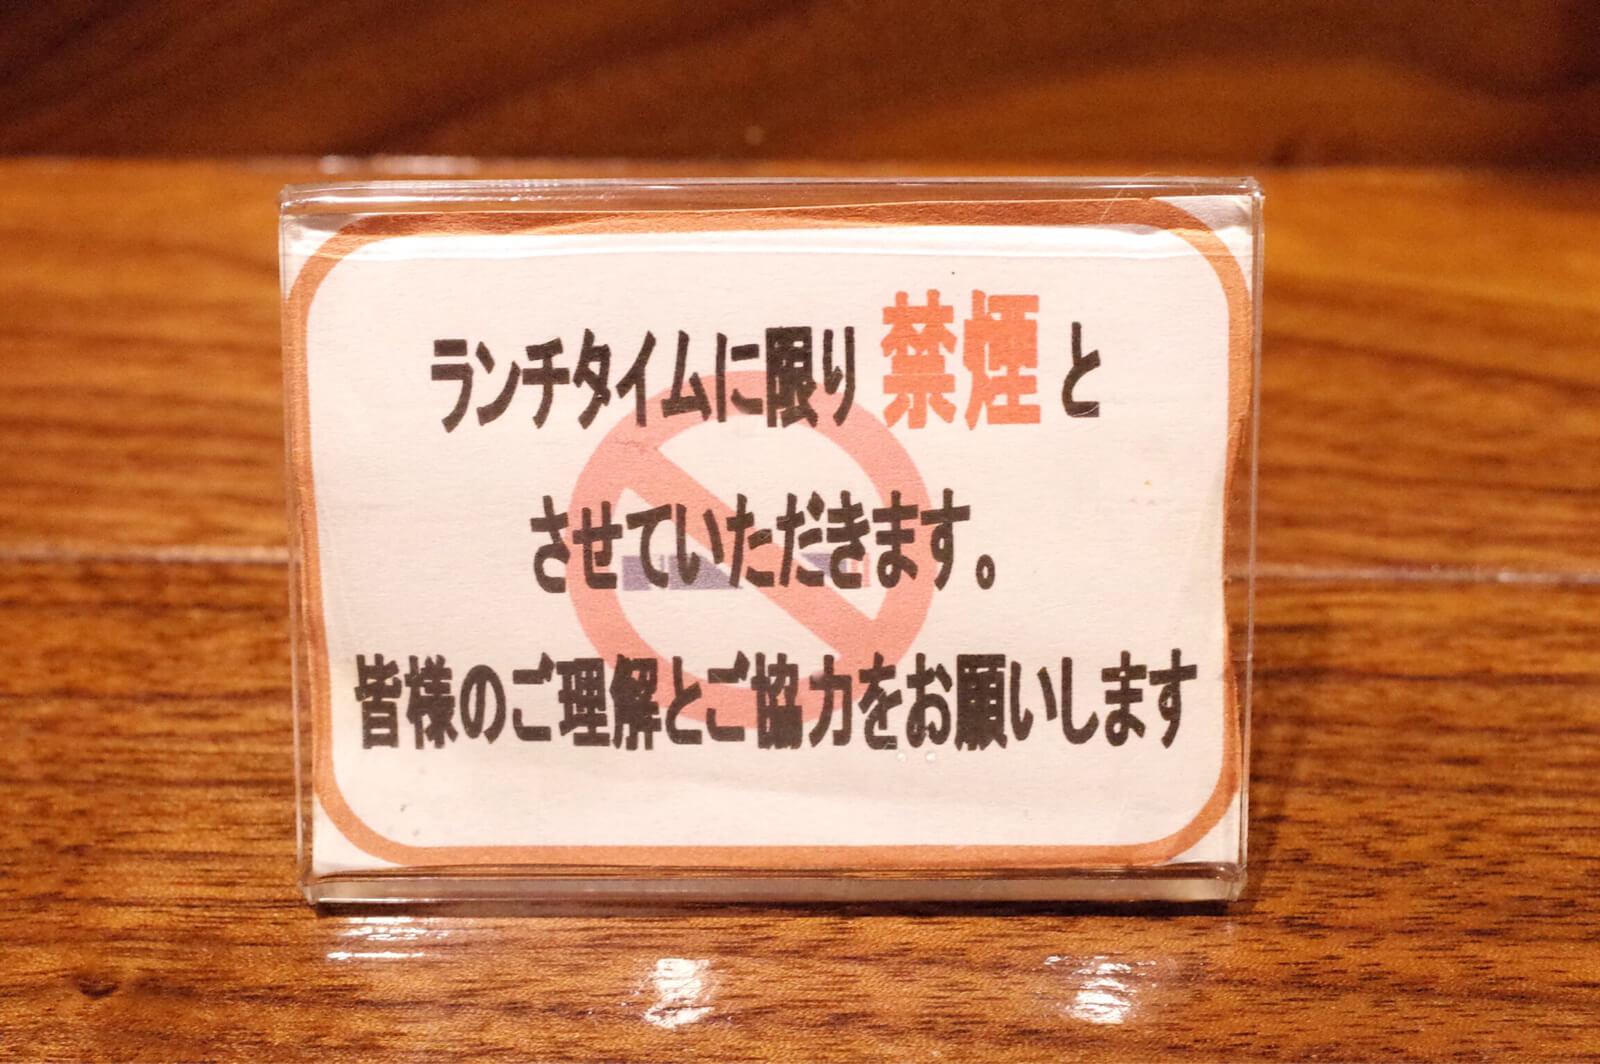 江坂 ランチ 清粥小菜 禁煙